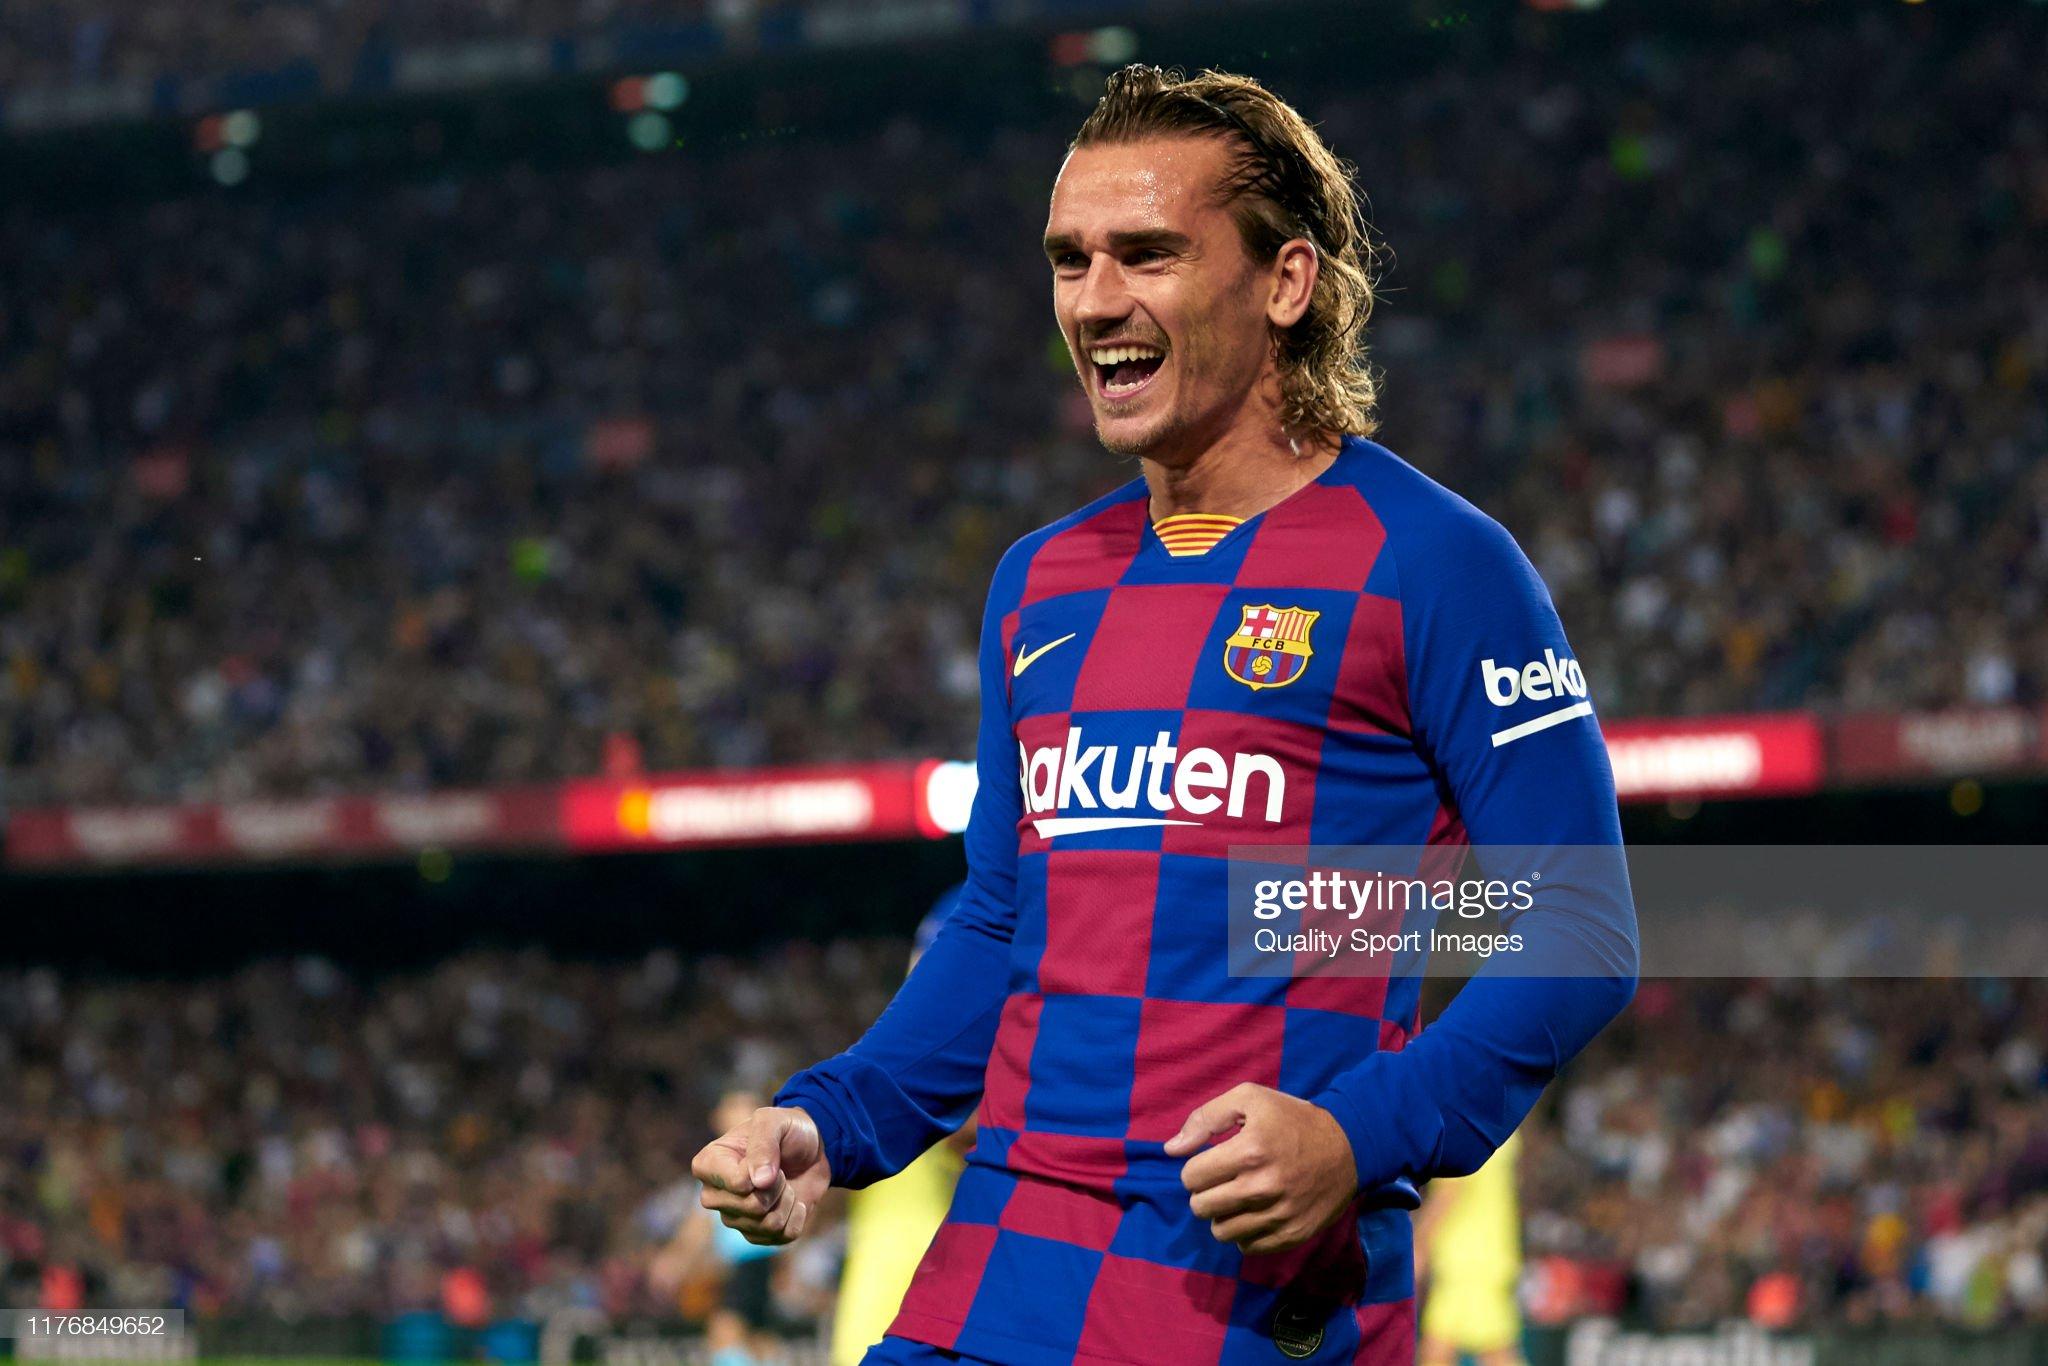 صور مباراة : برشلونة - فياريال 2-1 ( 24-09-2019 )  Antoine-griezmann-of-fc-barcelona-celebrates-their-teams-first-goal-picture-id1176849652?s=2048x2048